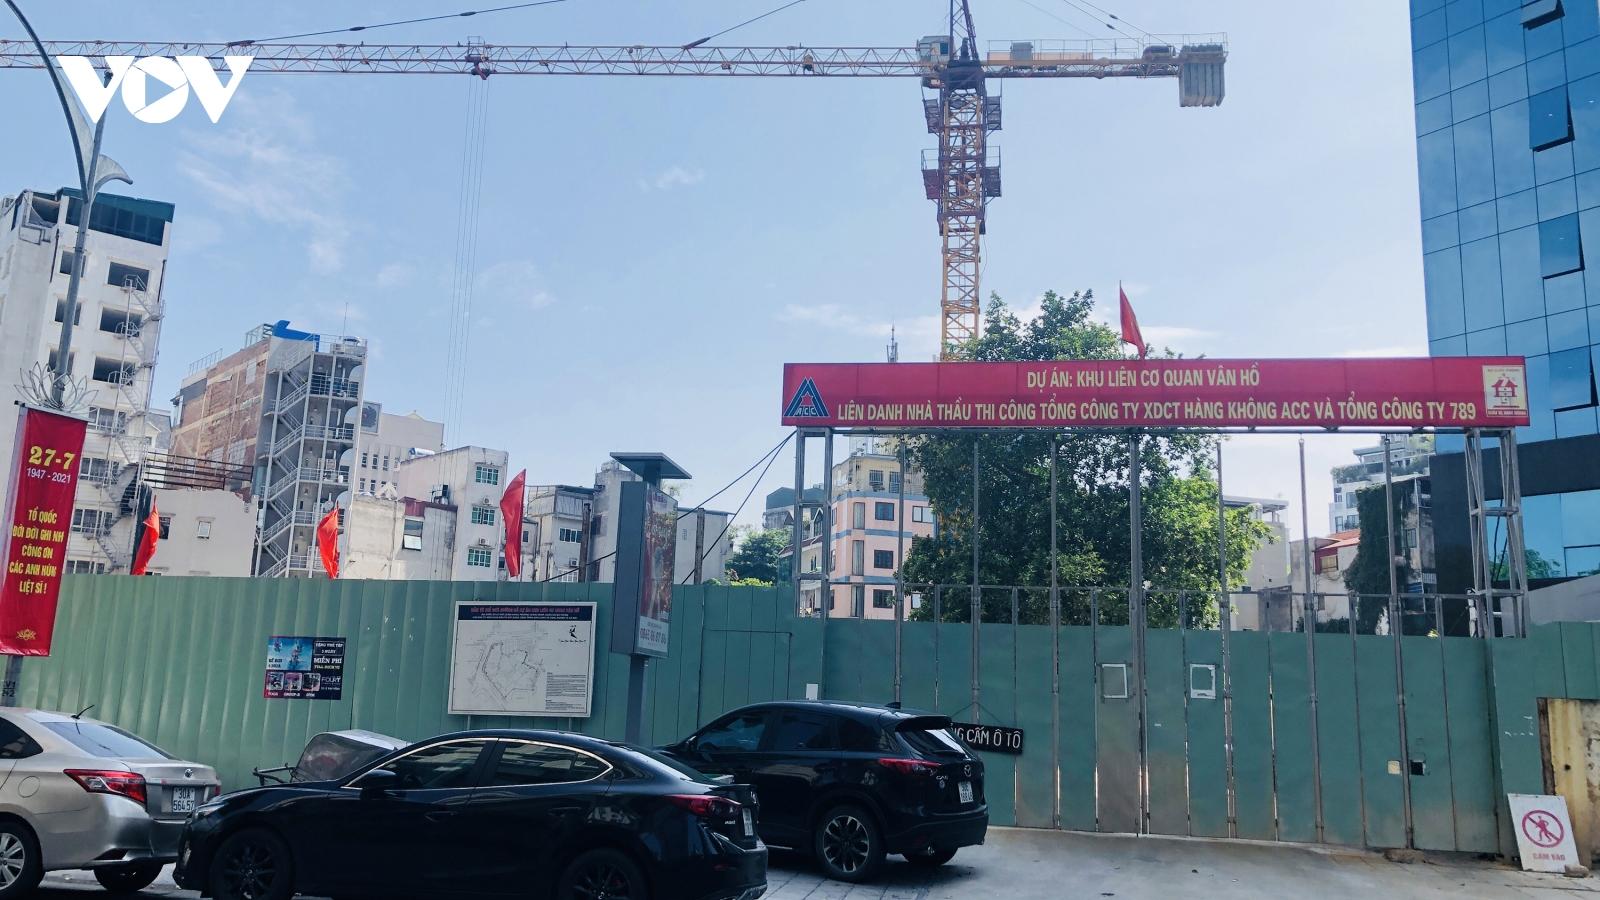 """Các công trình xây dựng ở Hà Nội """"nằm im"""" tuân thủ giãn cách xã hội"""